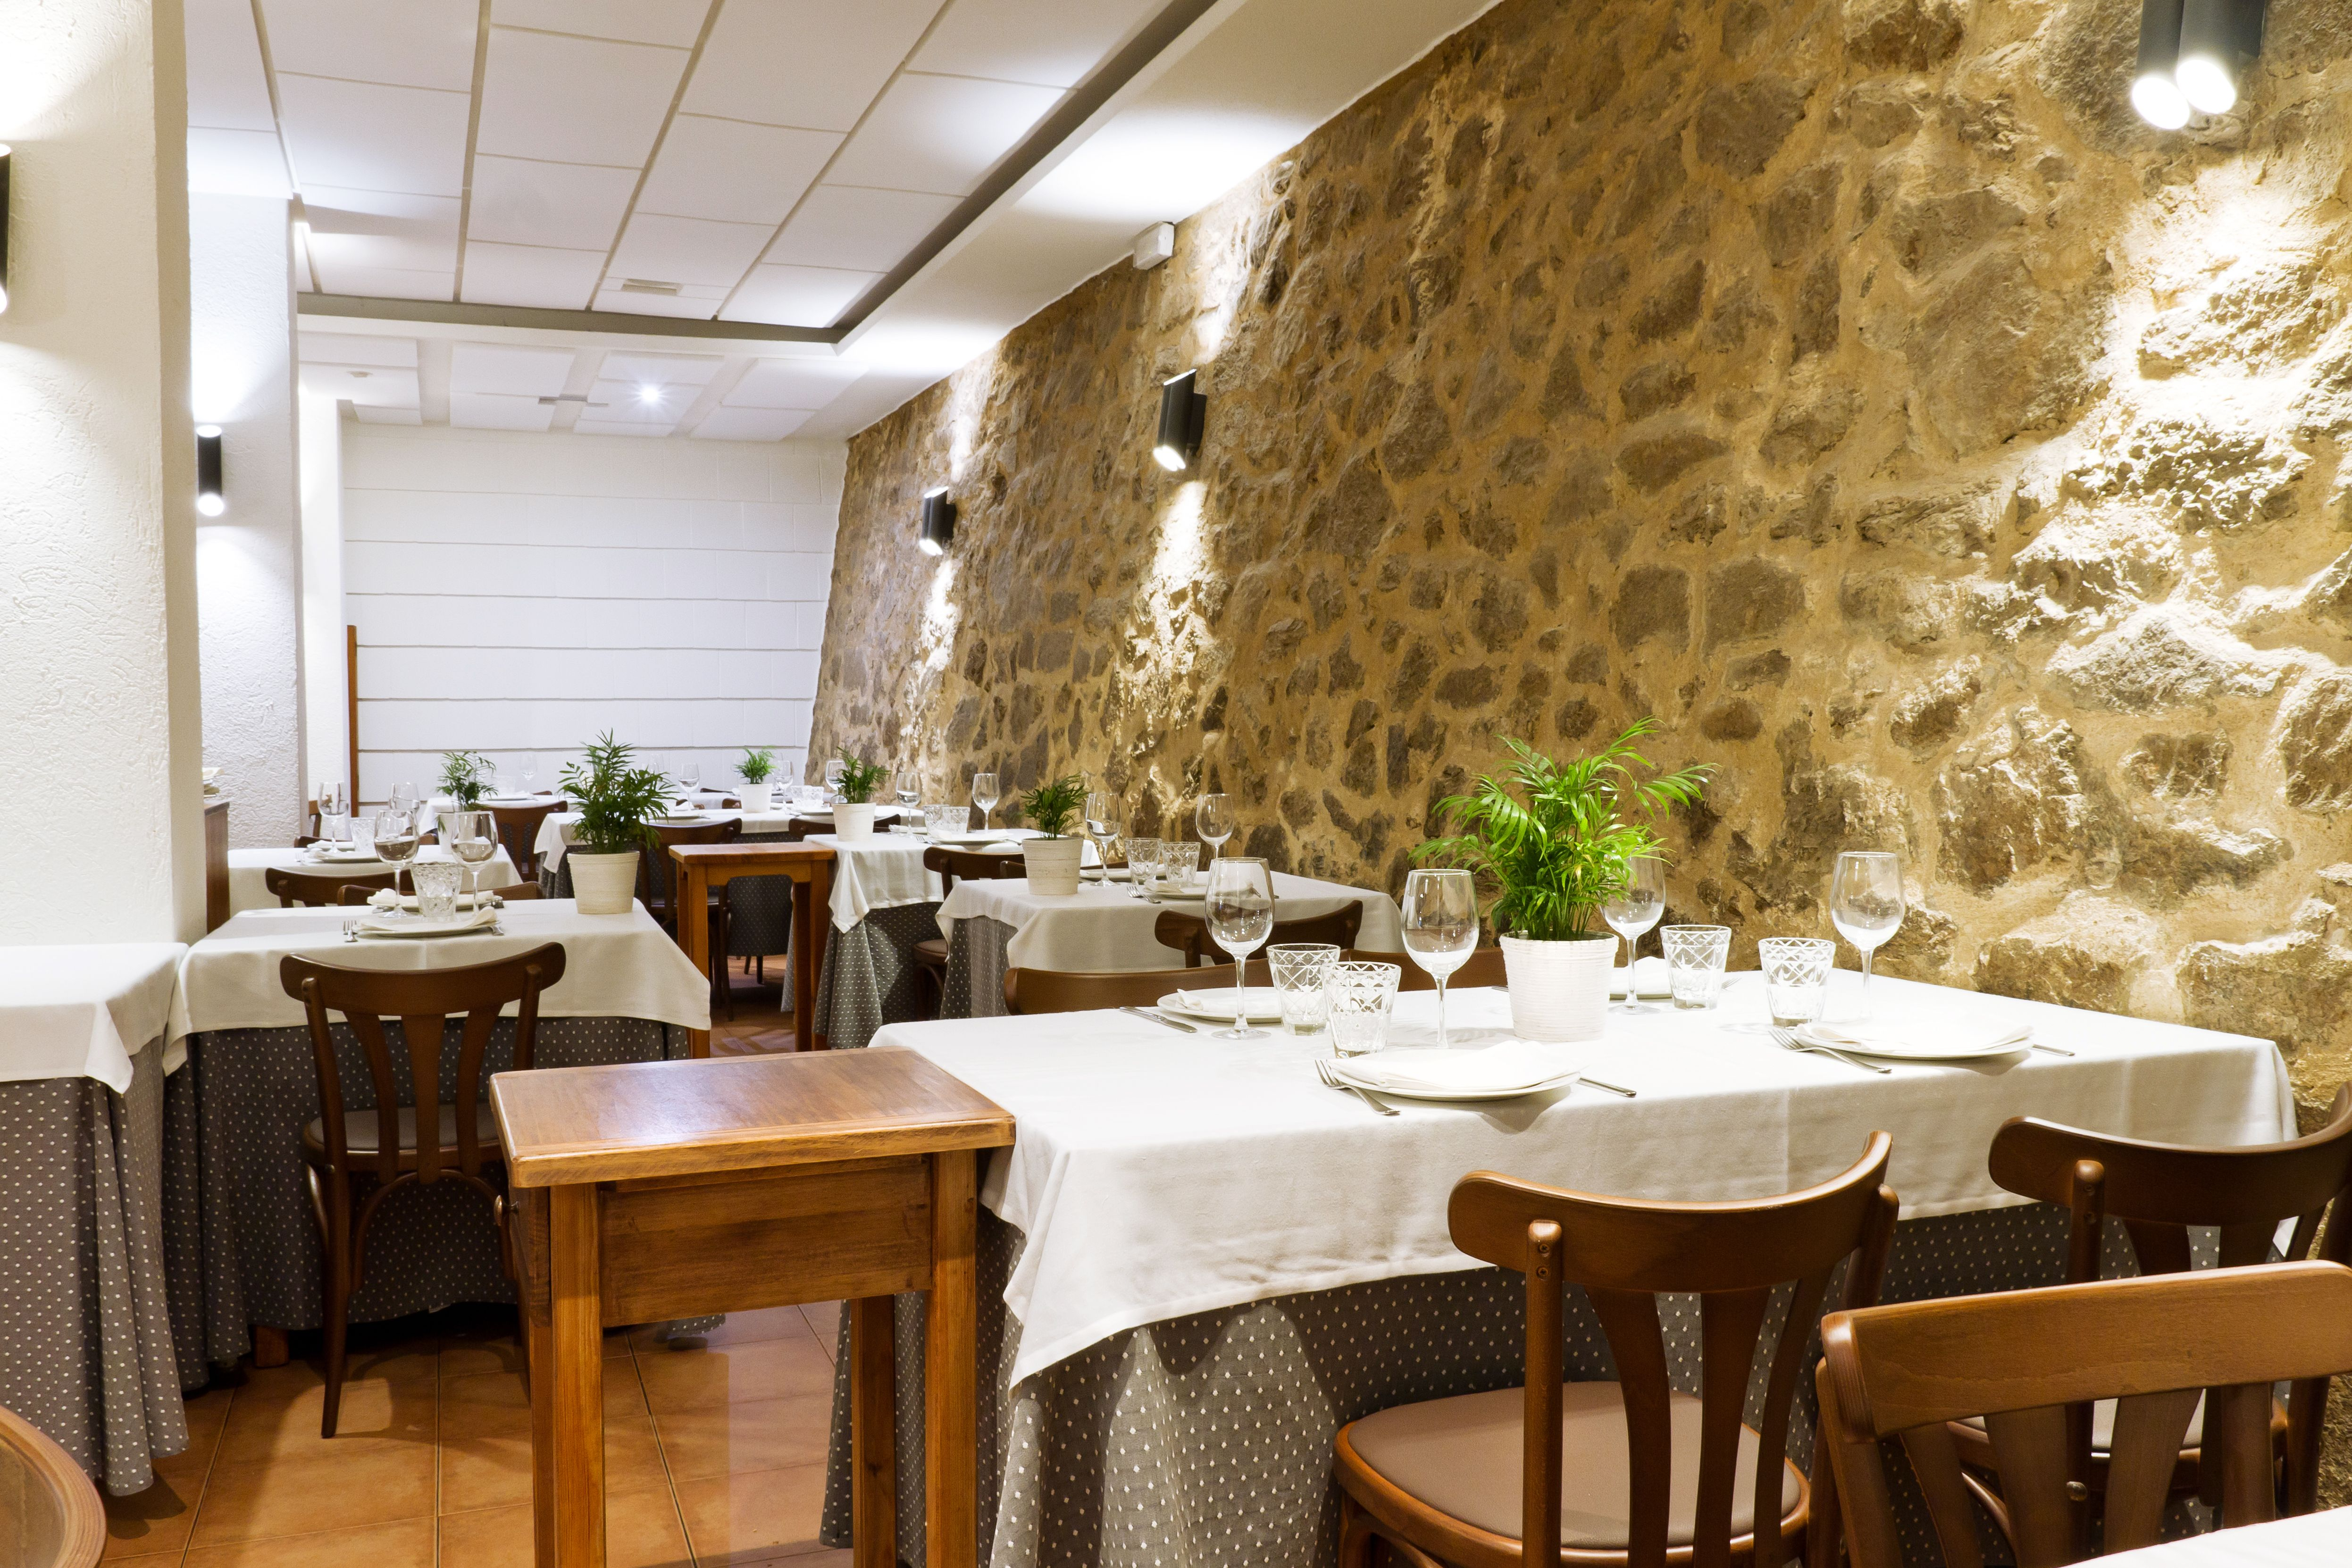 Foto 15 de Asador especializado en cordero y cochinillo en Segovia en Segovia | Asador Maribel